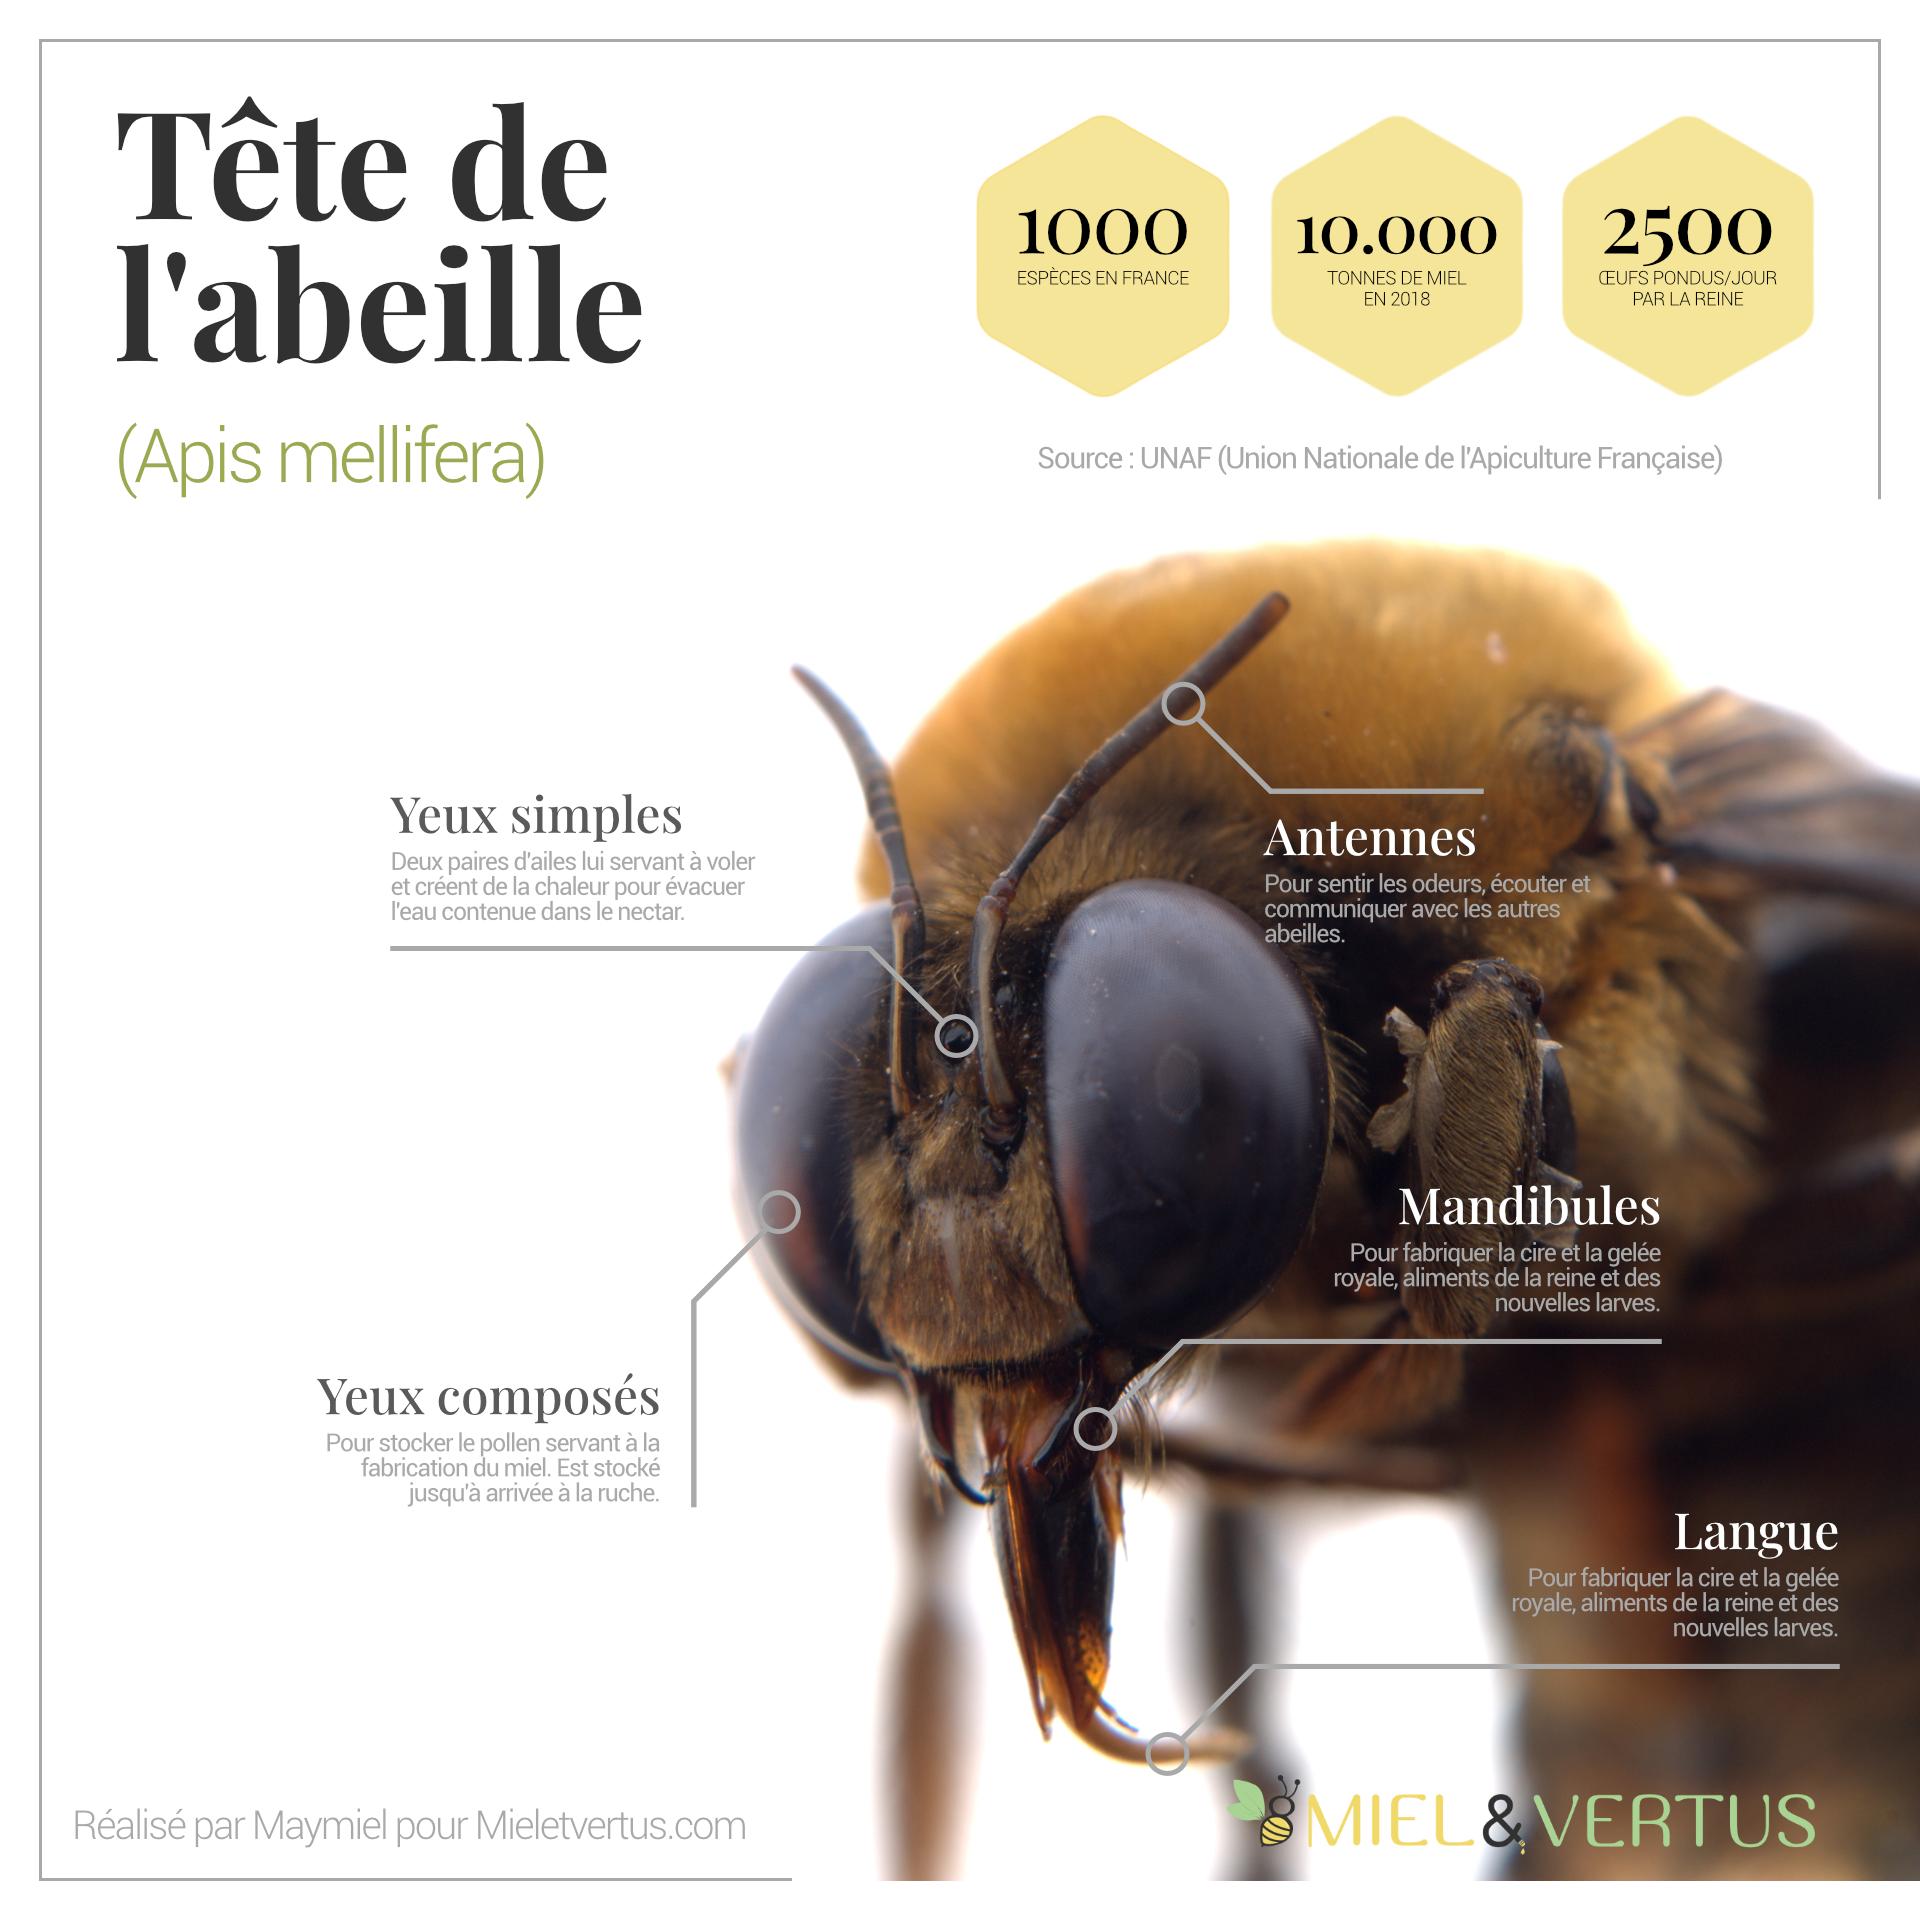 Tête de l'abeille